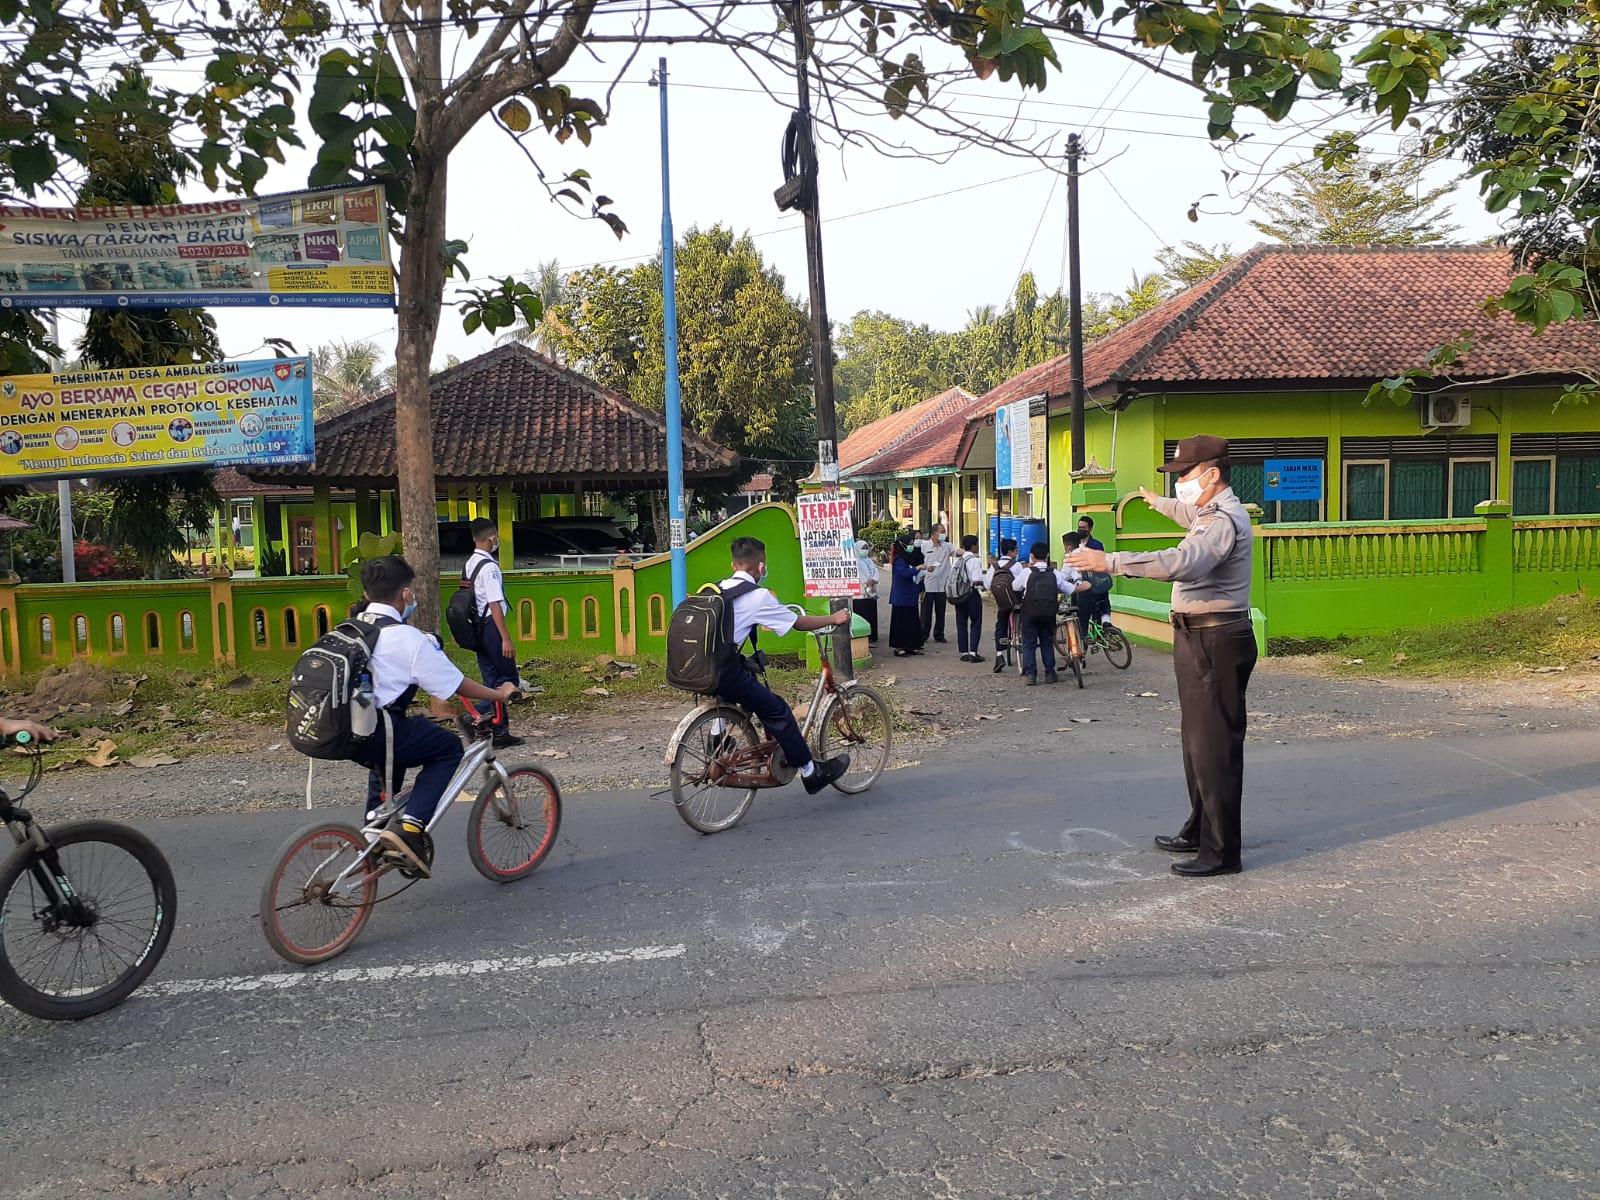 PTM Terbatas di Kebumen Mulai Berjalan, Polisi Diterjunkan untuk Atur Lalu Lintas di Depan Sekolah